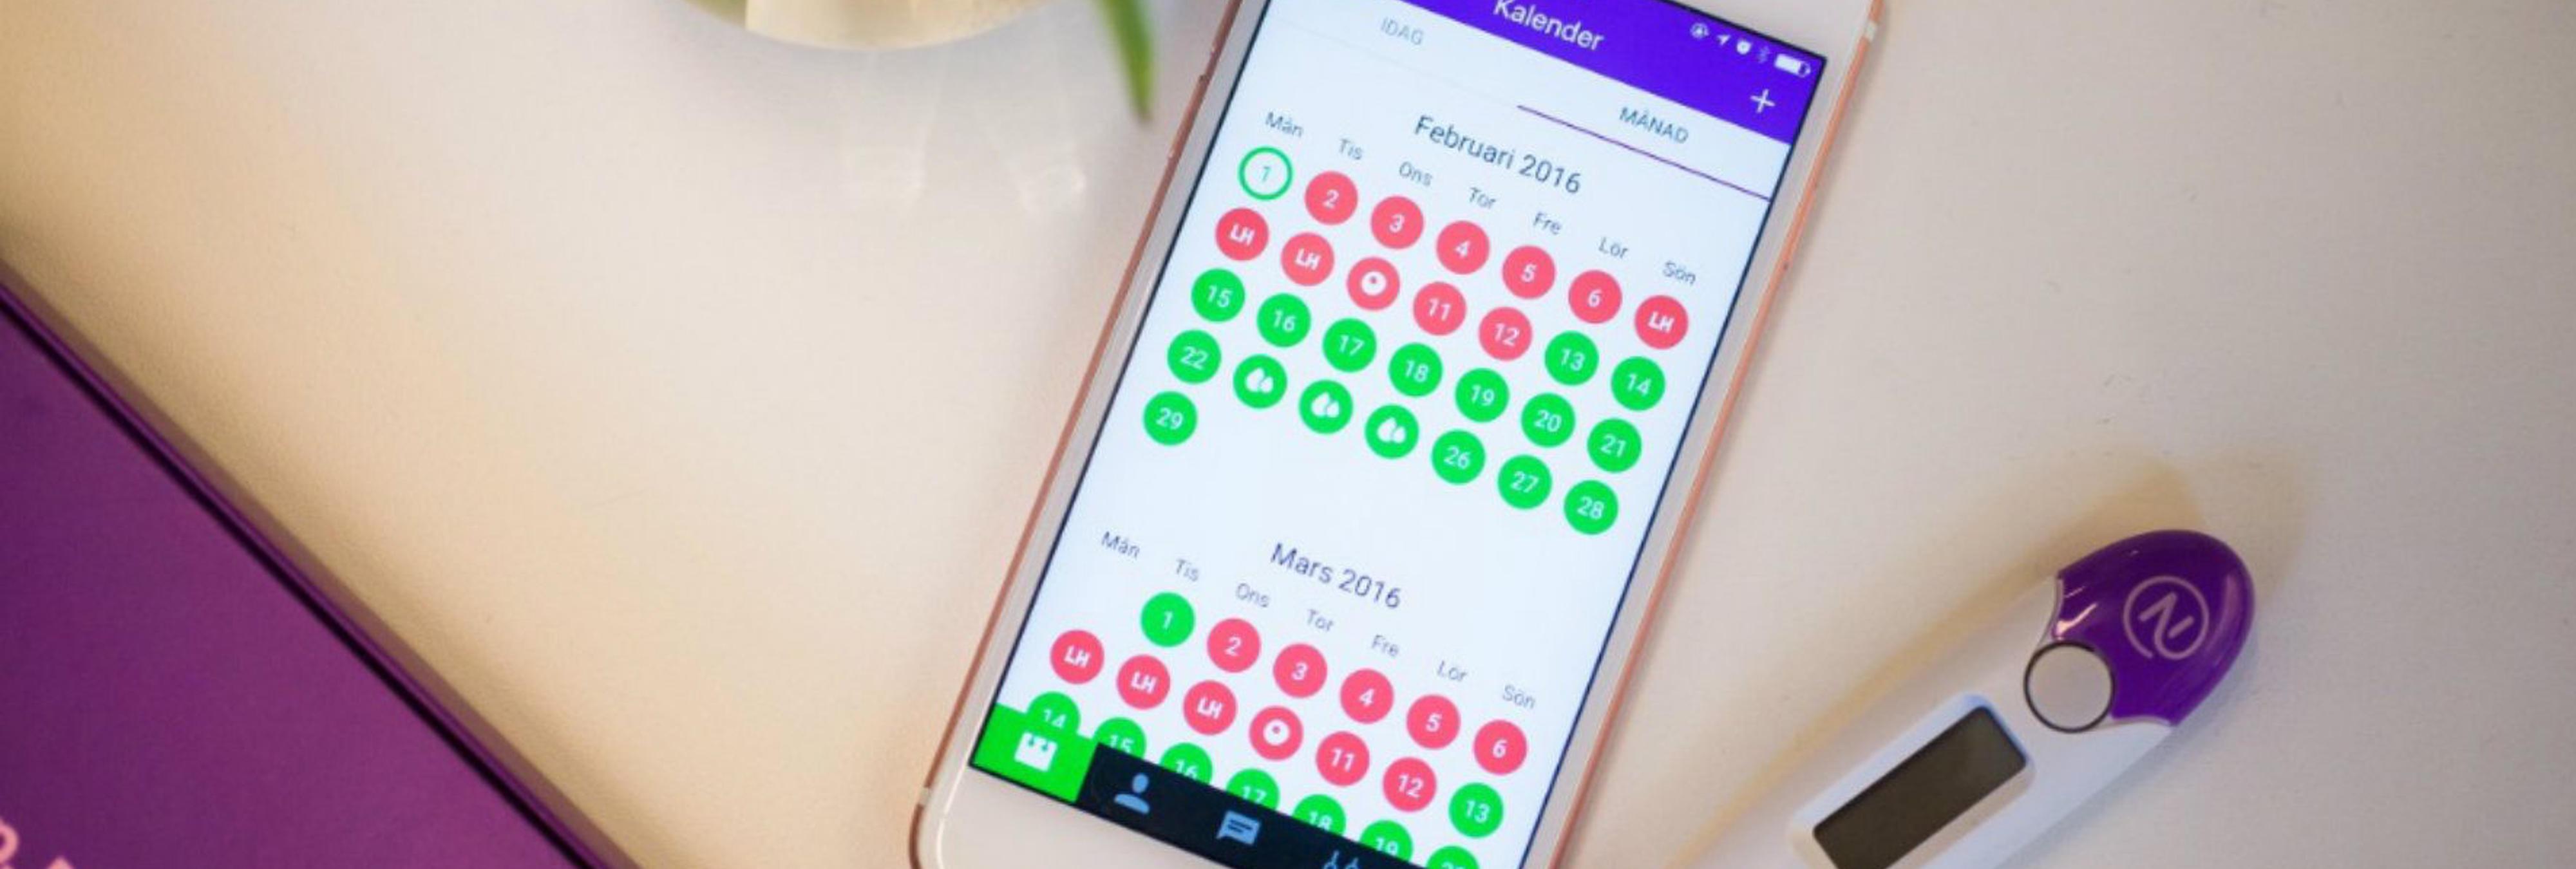 Esta app para el móvil es considerada un método anticonceptivo tan válido como la píldora